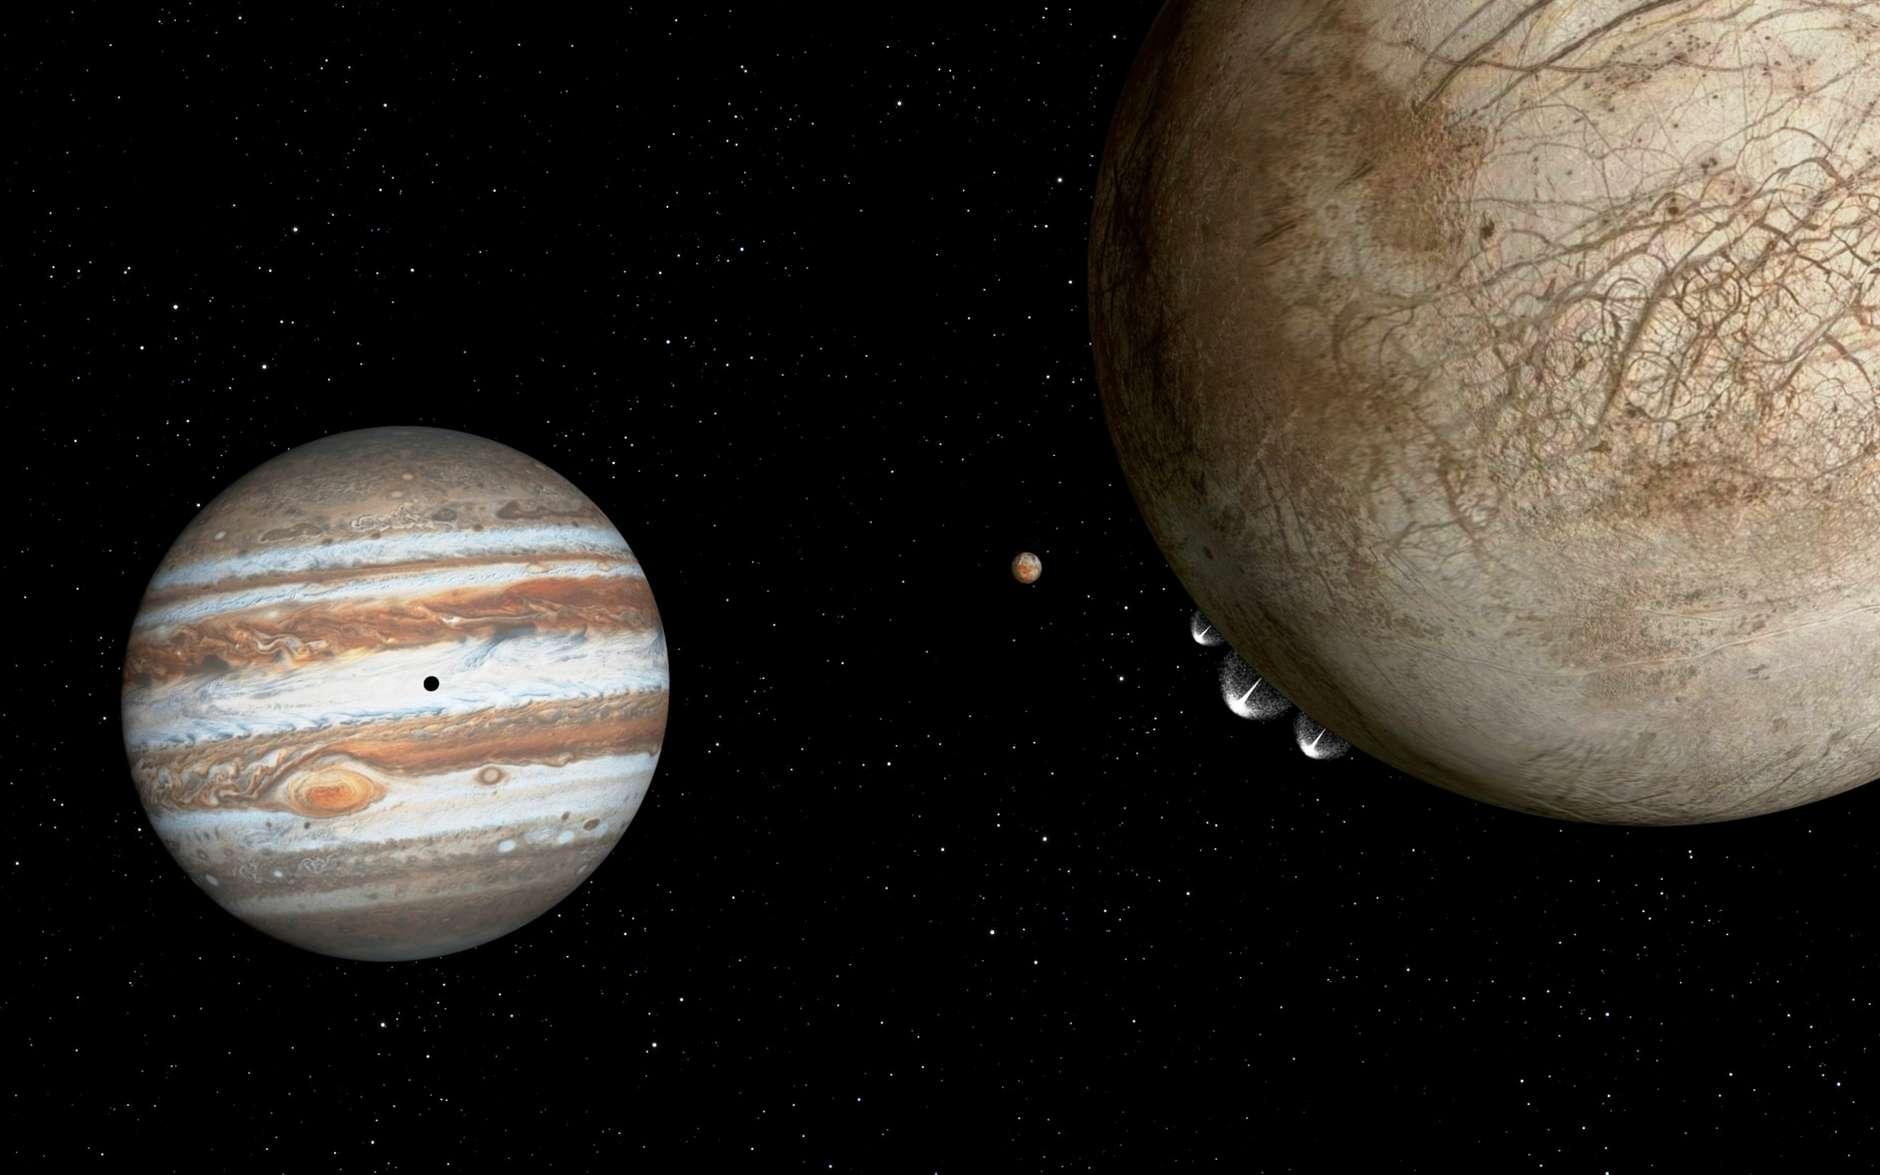 Une vue d'artiste des geysers sur Europe. On voit aussi, en orange, la lune volcanique de Jupiter, Io, et en noir sur la géante gazeuse, son ombre. © Nasa, Esa et G. Bacon (STScI)